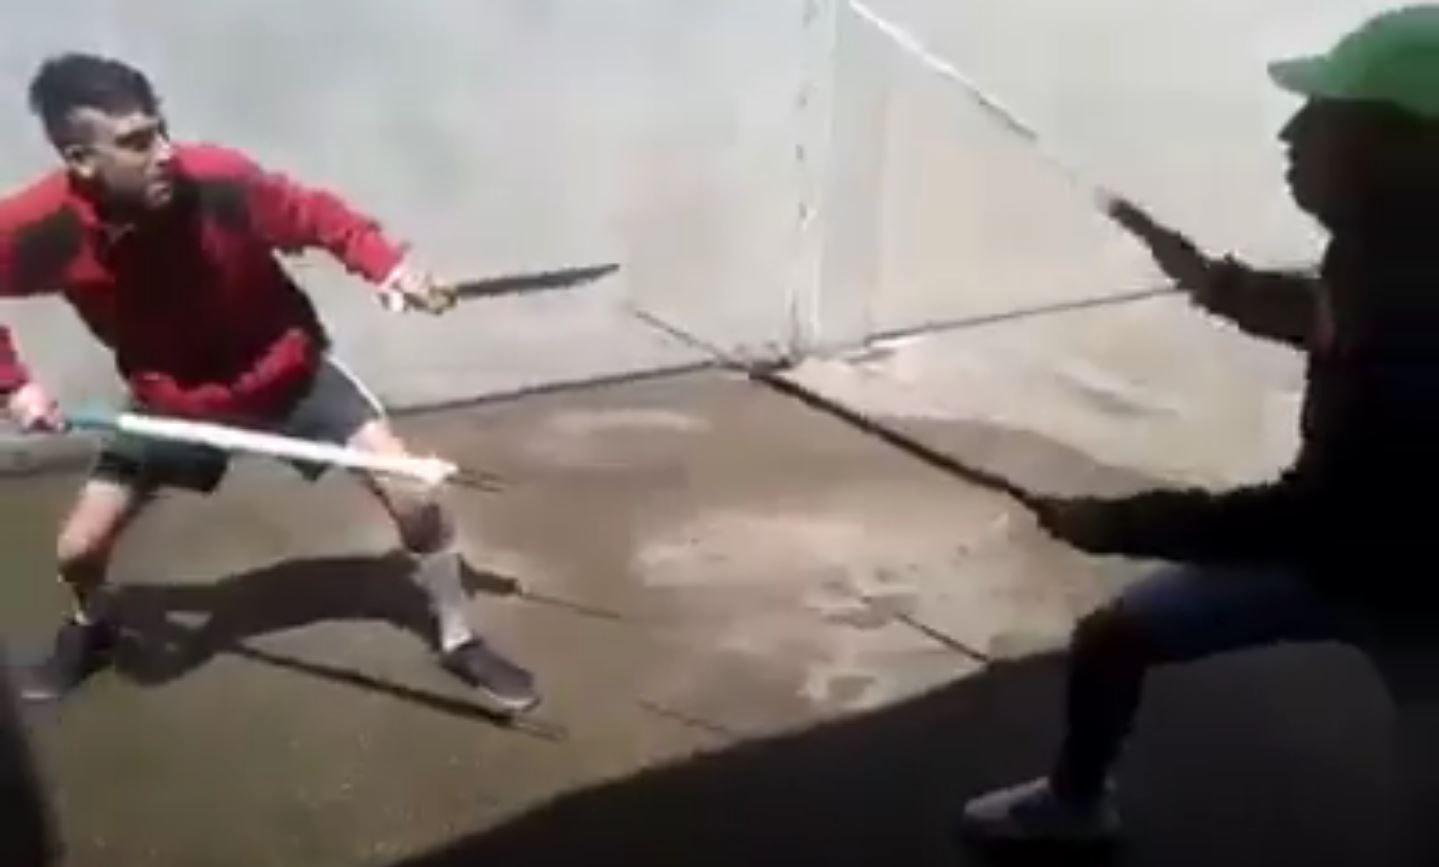 Presos luchan con cuchillos y lanzas en una cárcel uruguaya